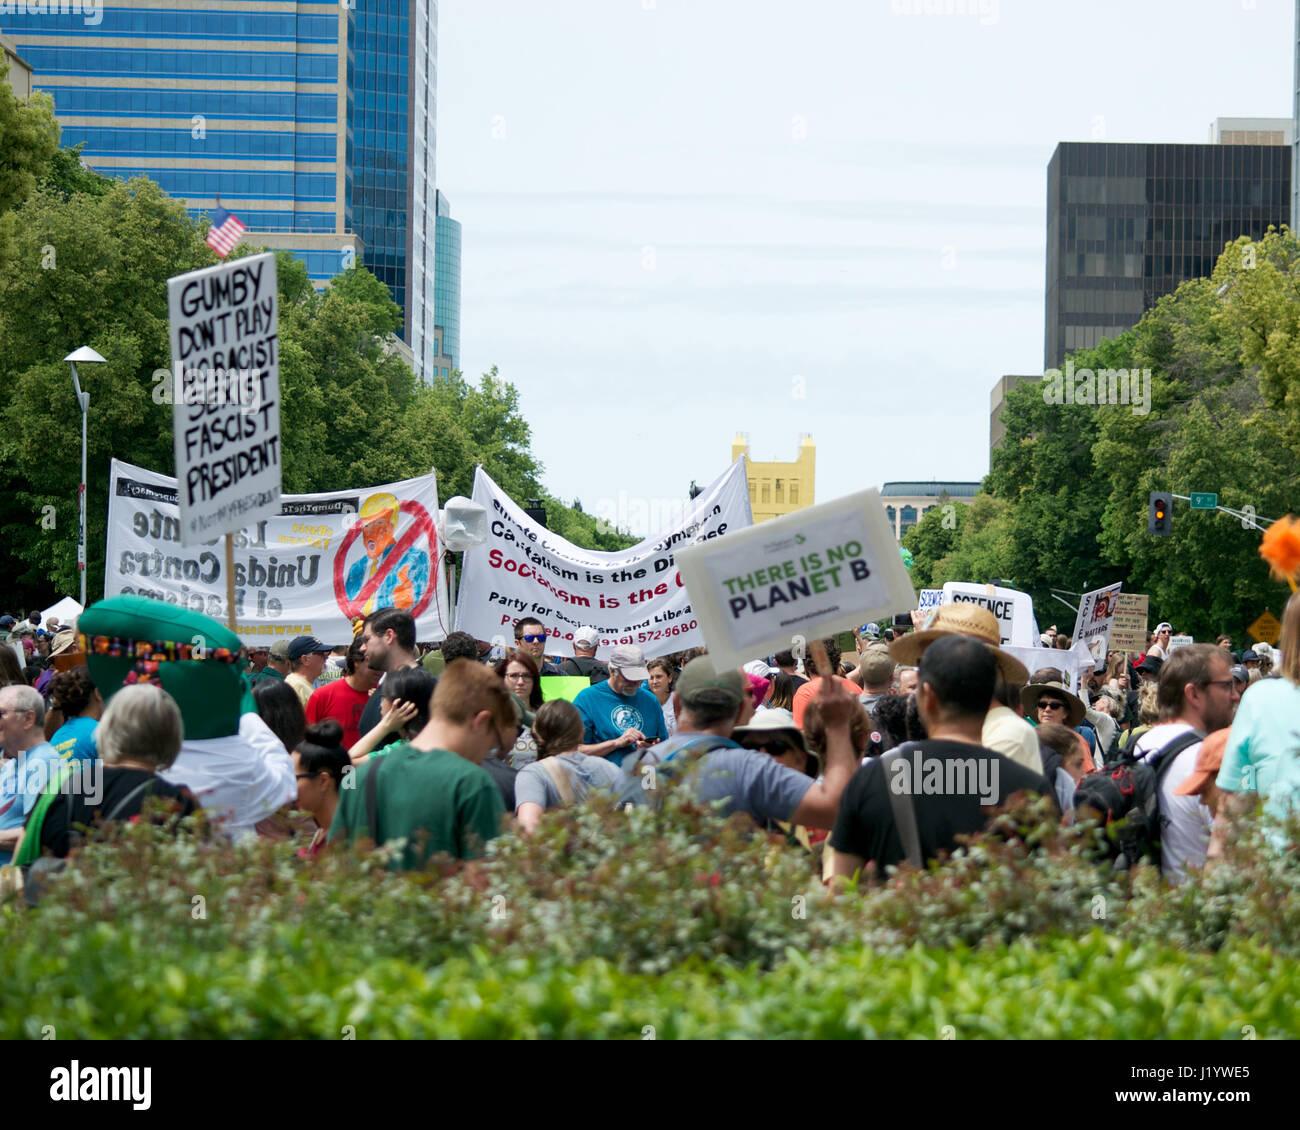 Sacramento, California, Estados Unidos. 22 abr, 2017. La gente de Sacramento, llevando carteles y coreando consignas Imagen De Stock